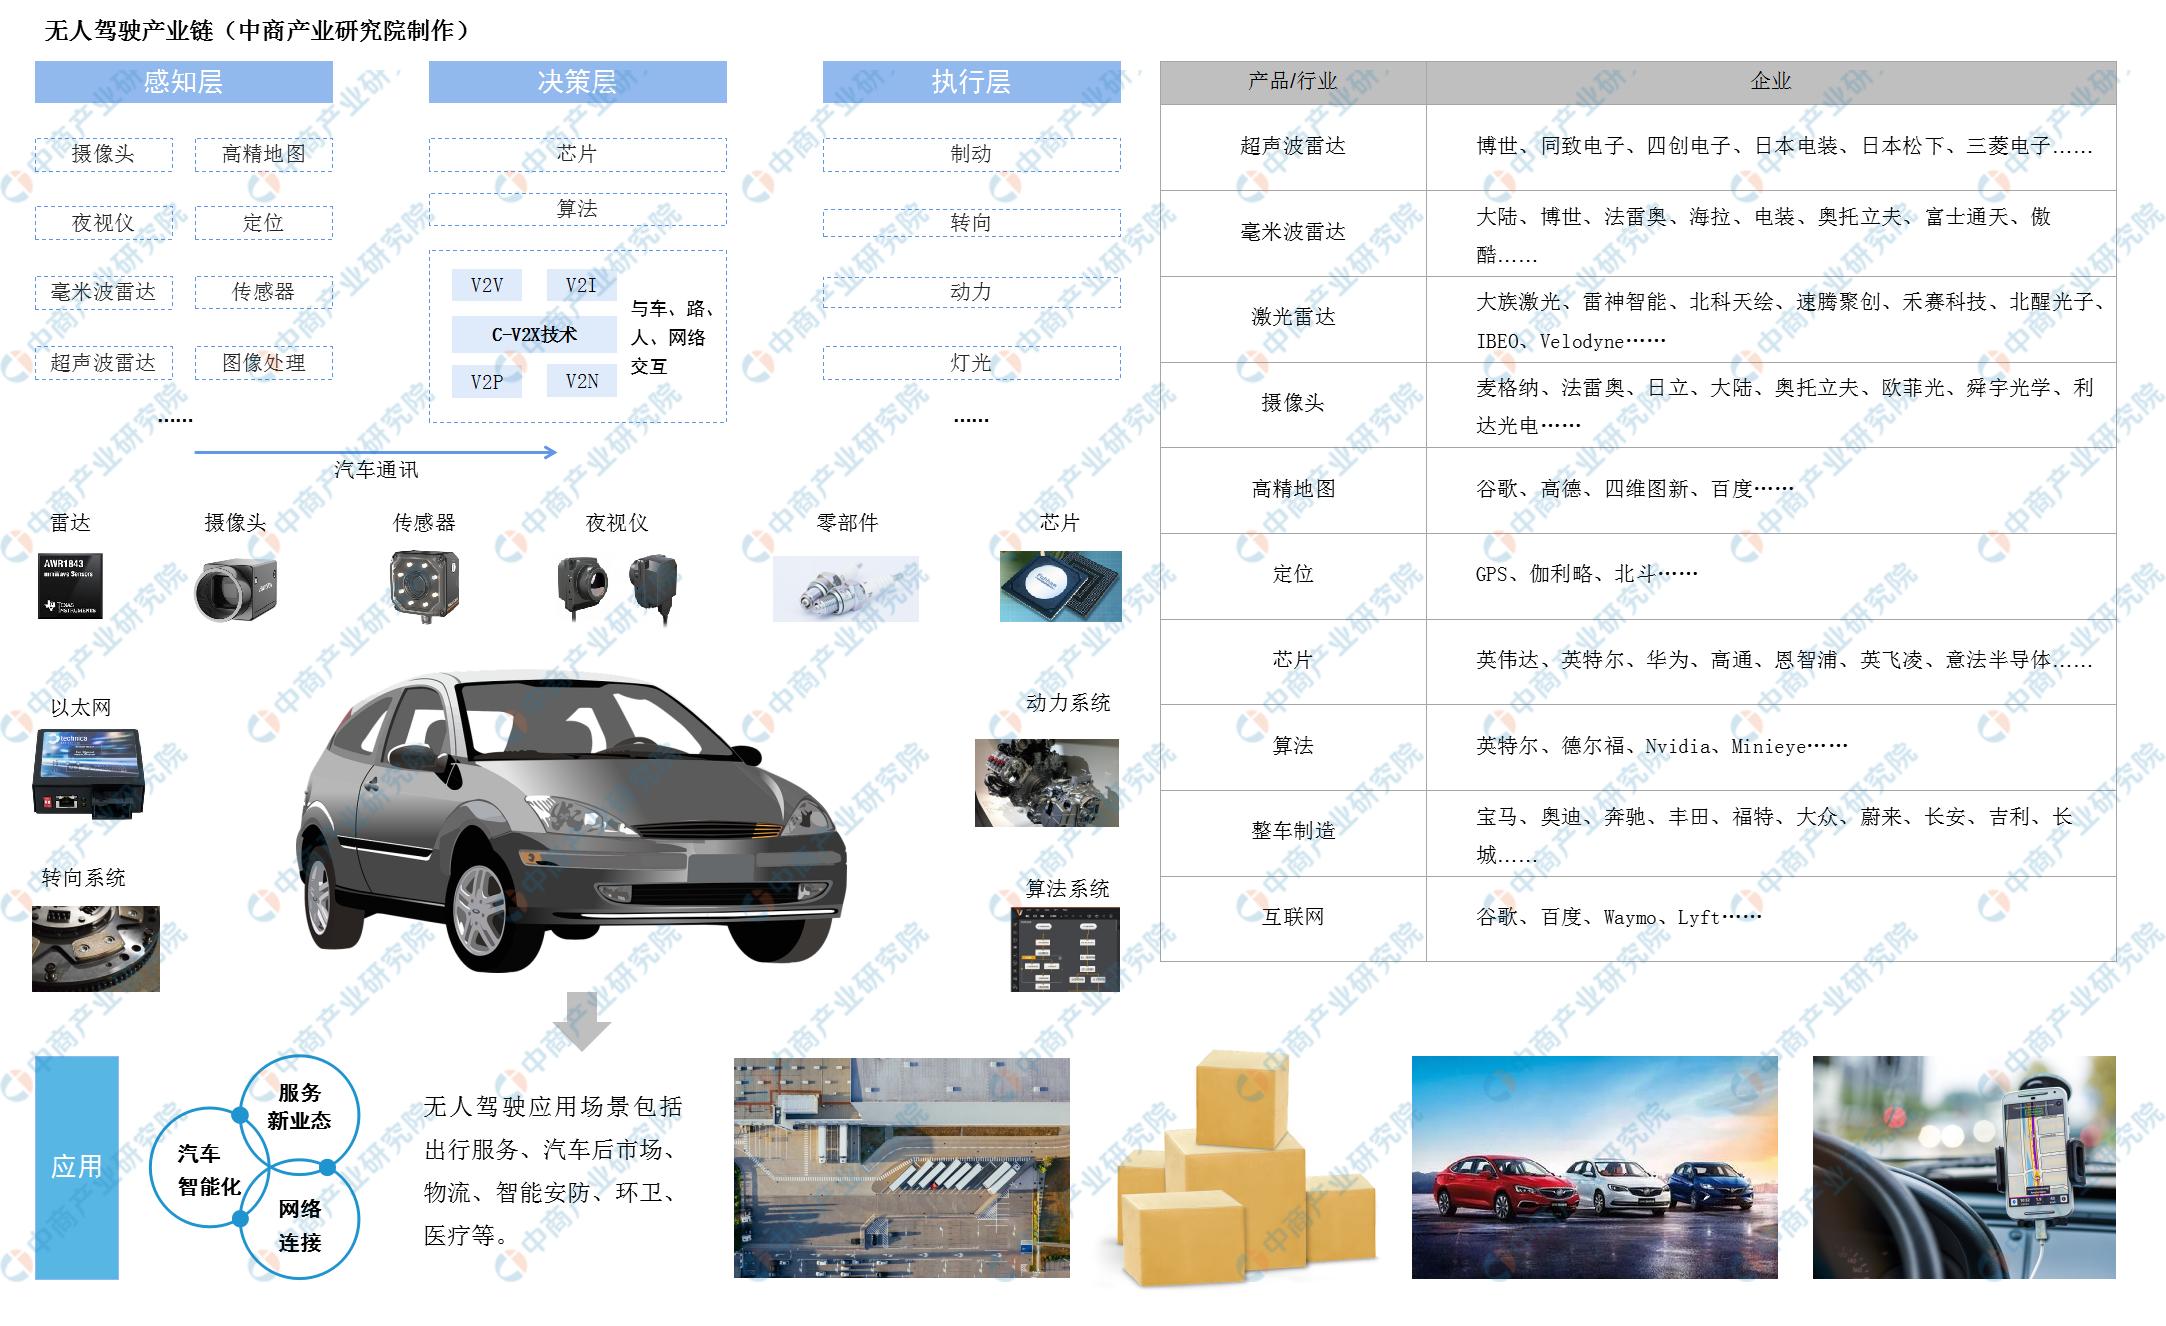 2020年中国车联网市场规模有望超2050亿元